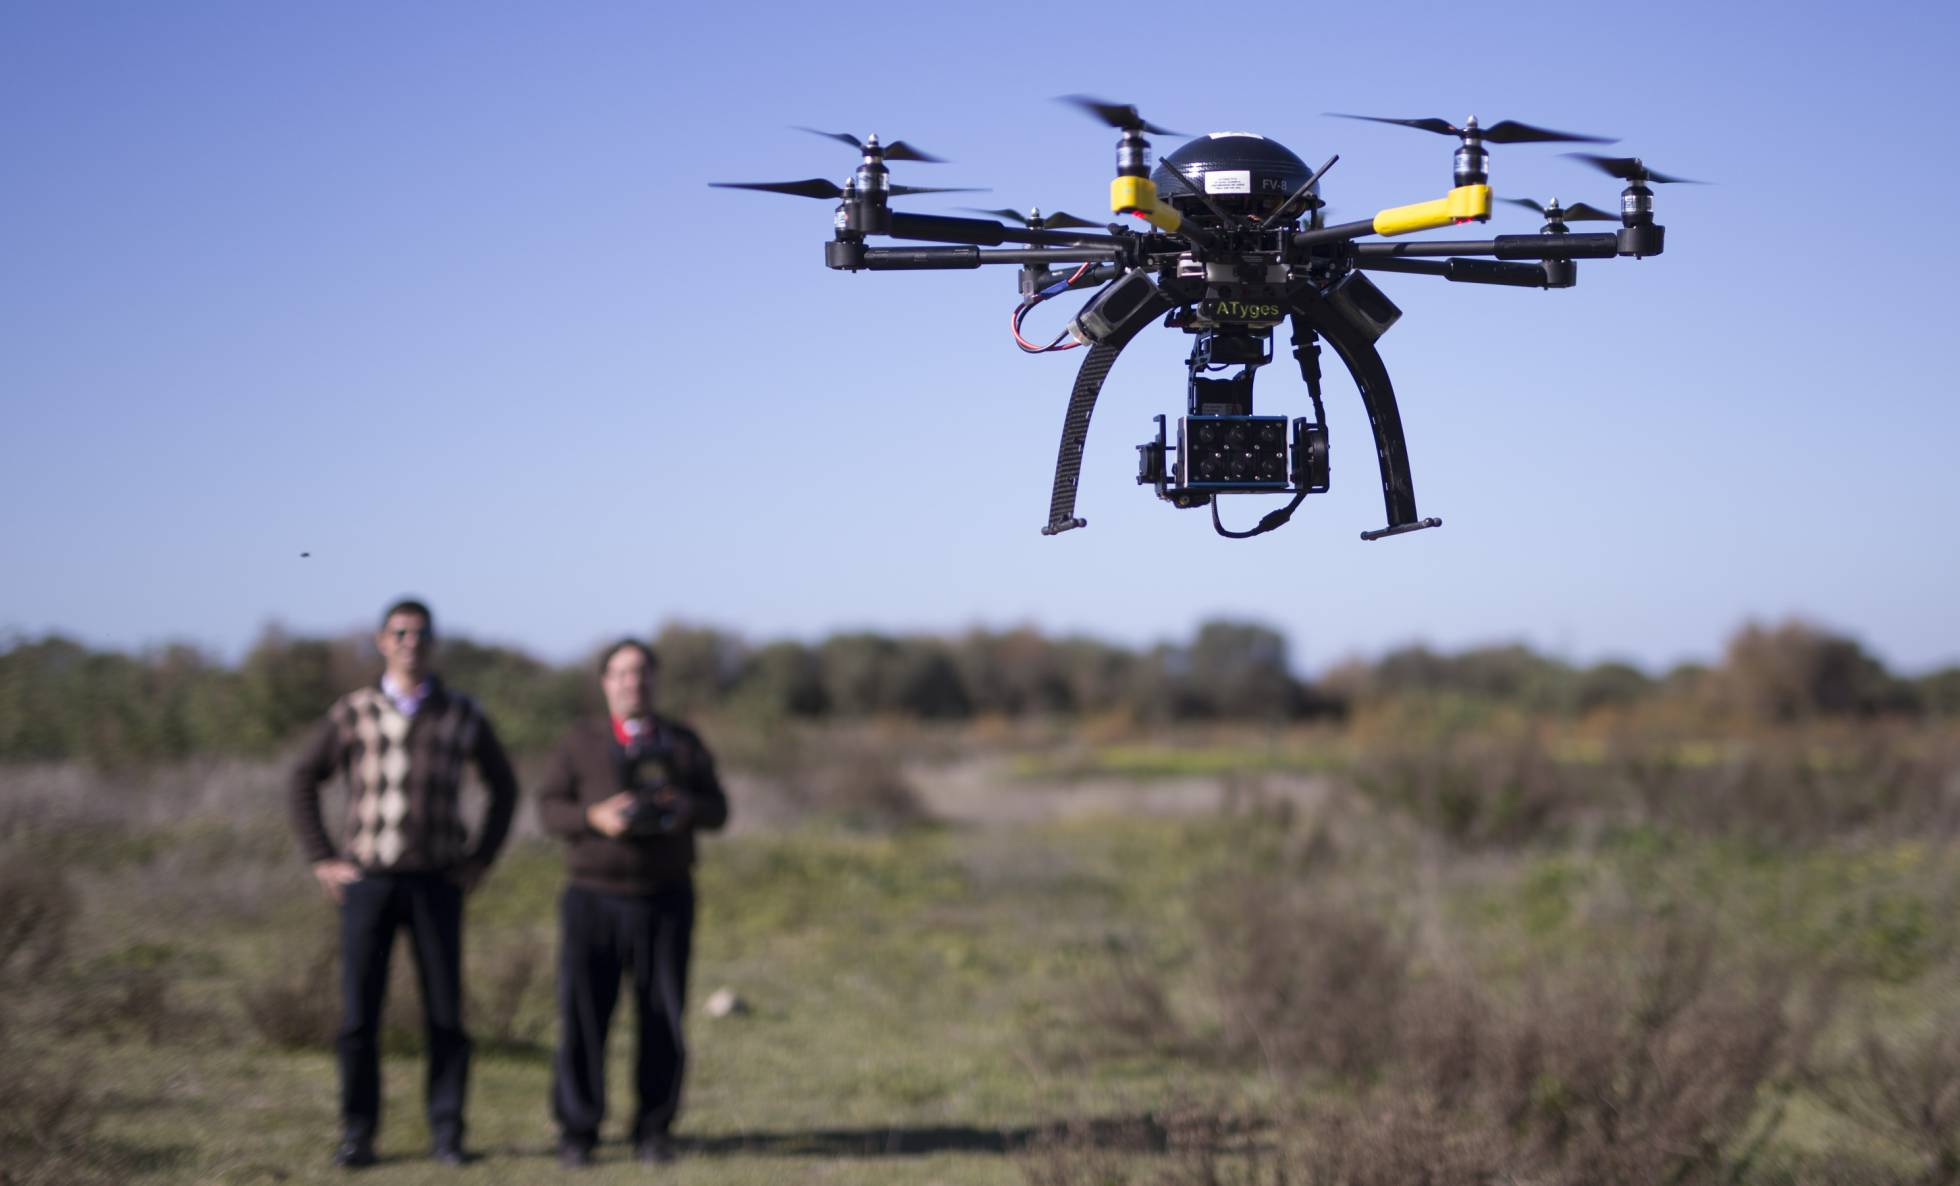 Un dron explosivo, el último artefacto del crimen organizado en México